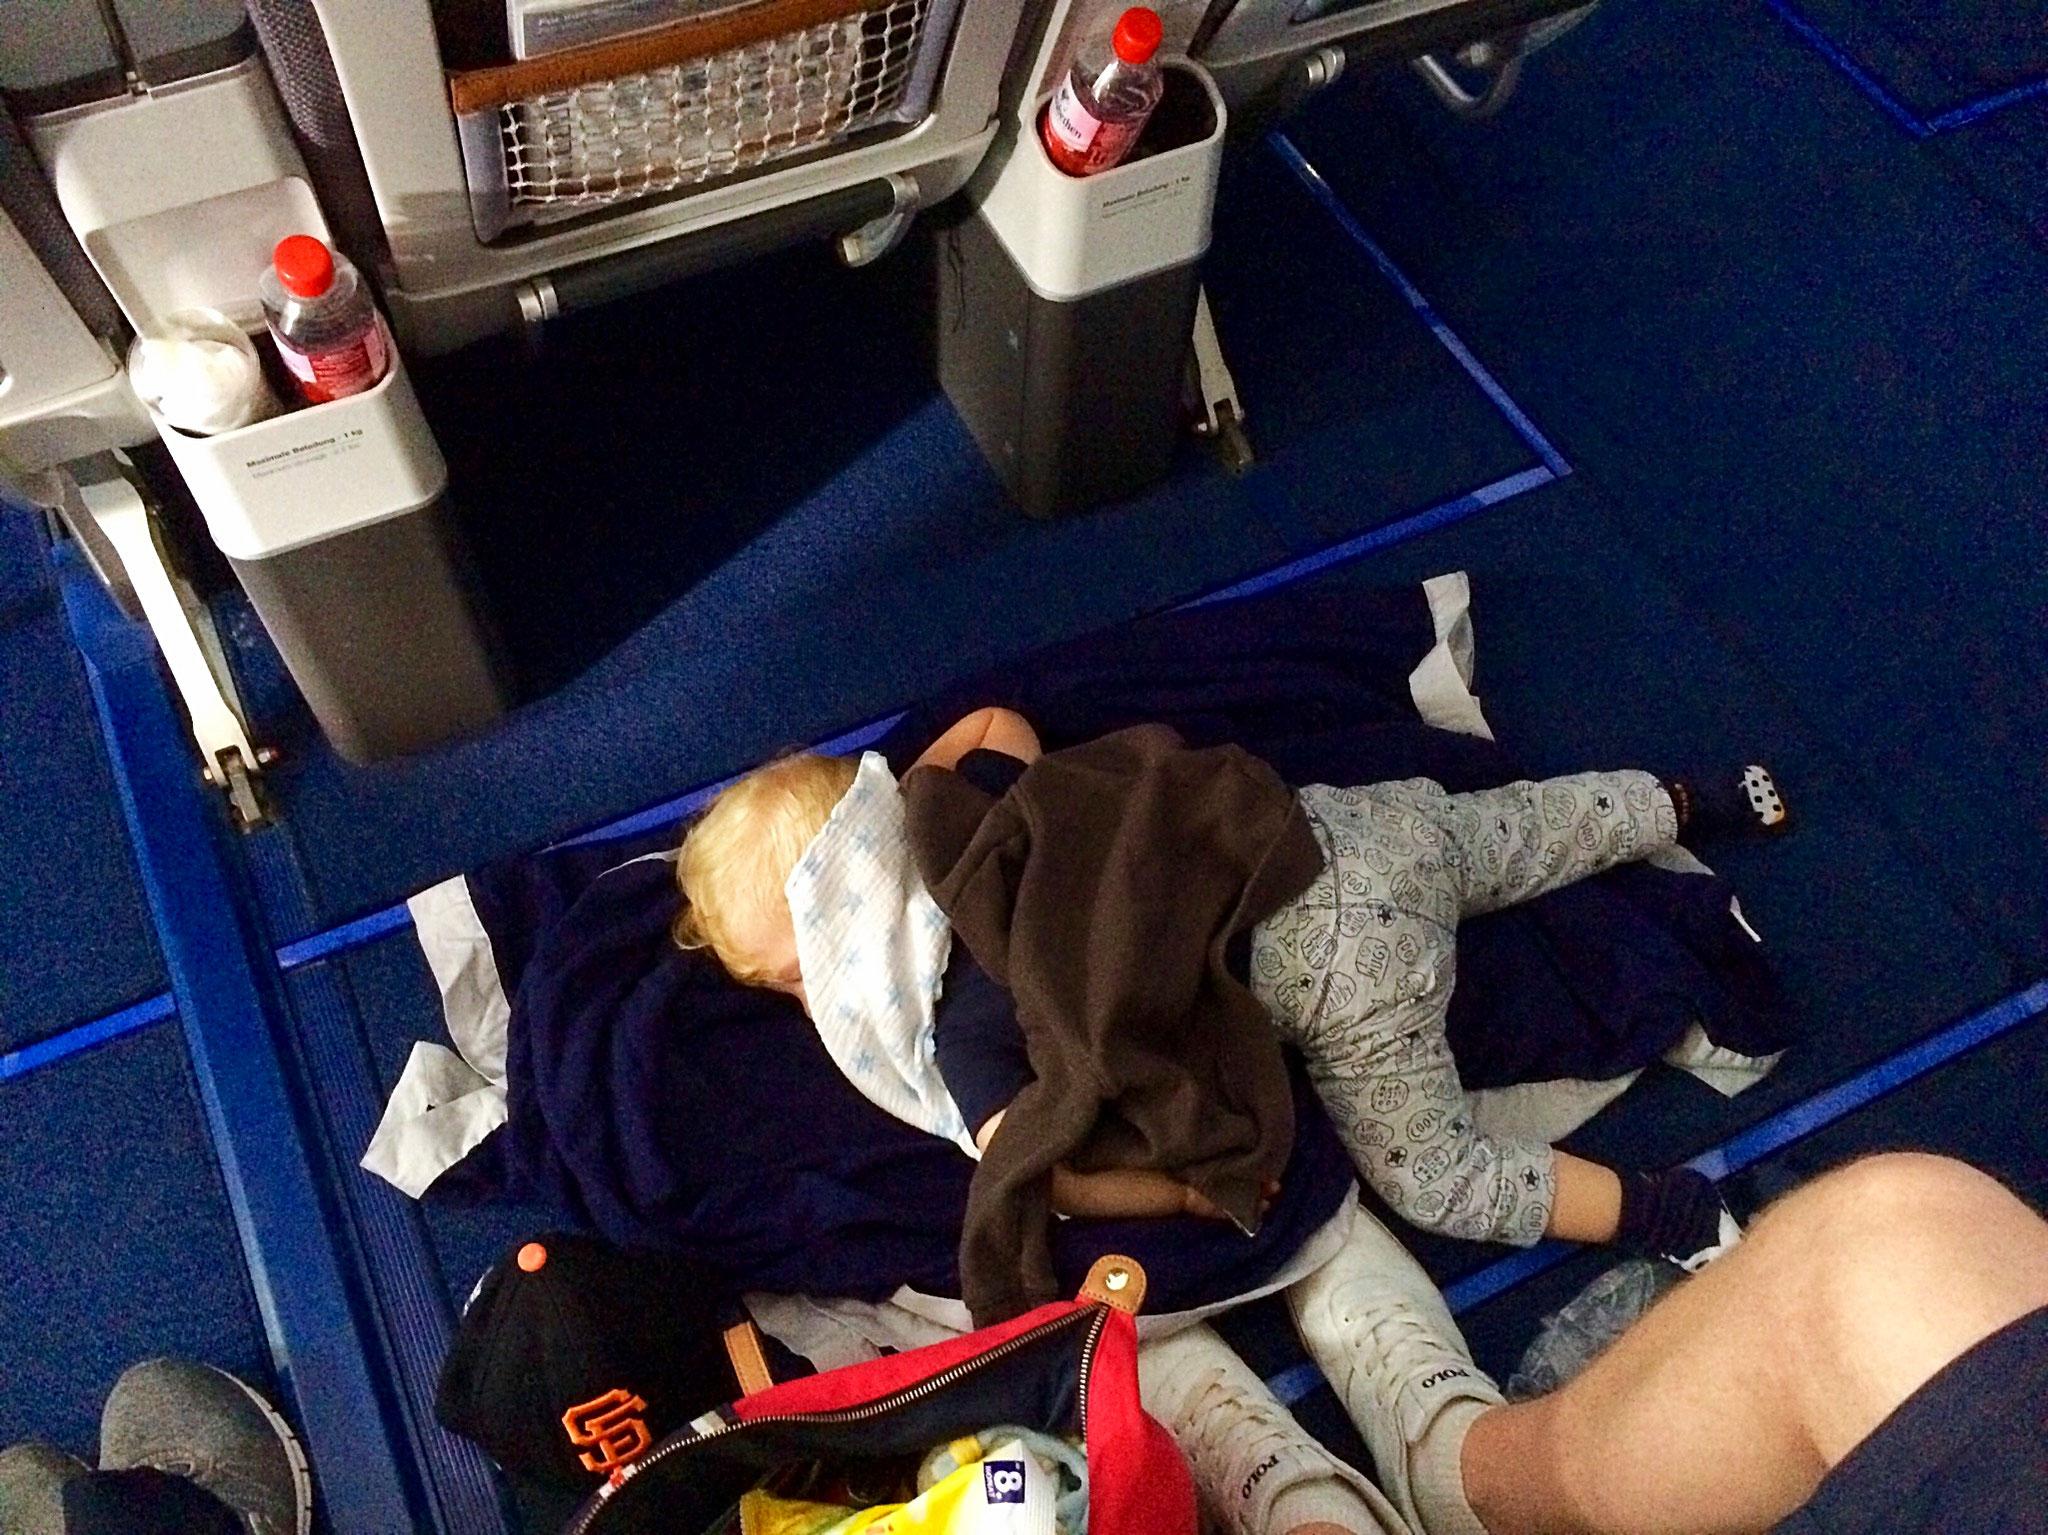 München - Denver: Schlafen auf dem Boden war nur von kurzer Dauer (nicht erlaubt!)